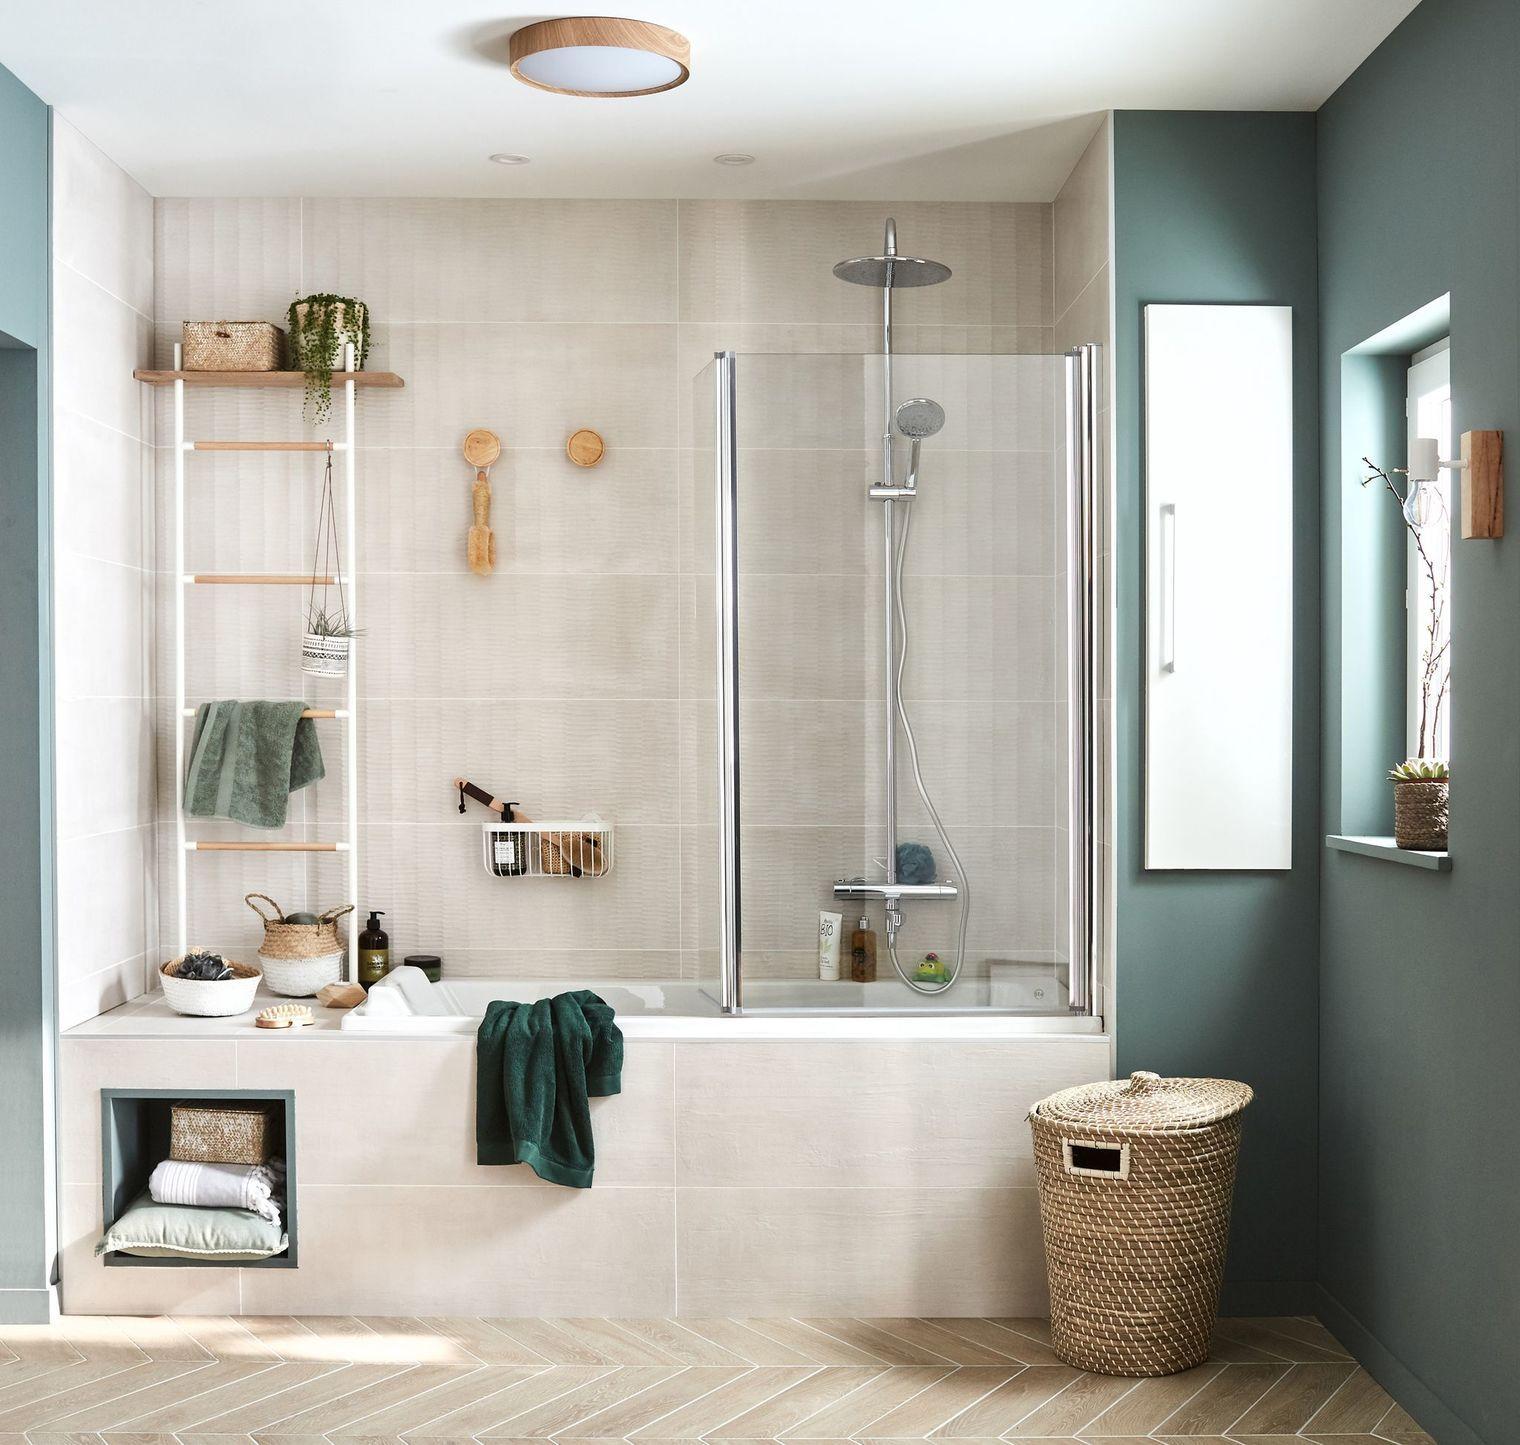 Repeindre une salle de bains : quelle peinture choisir ?